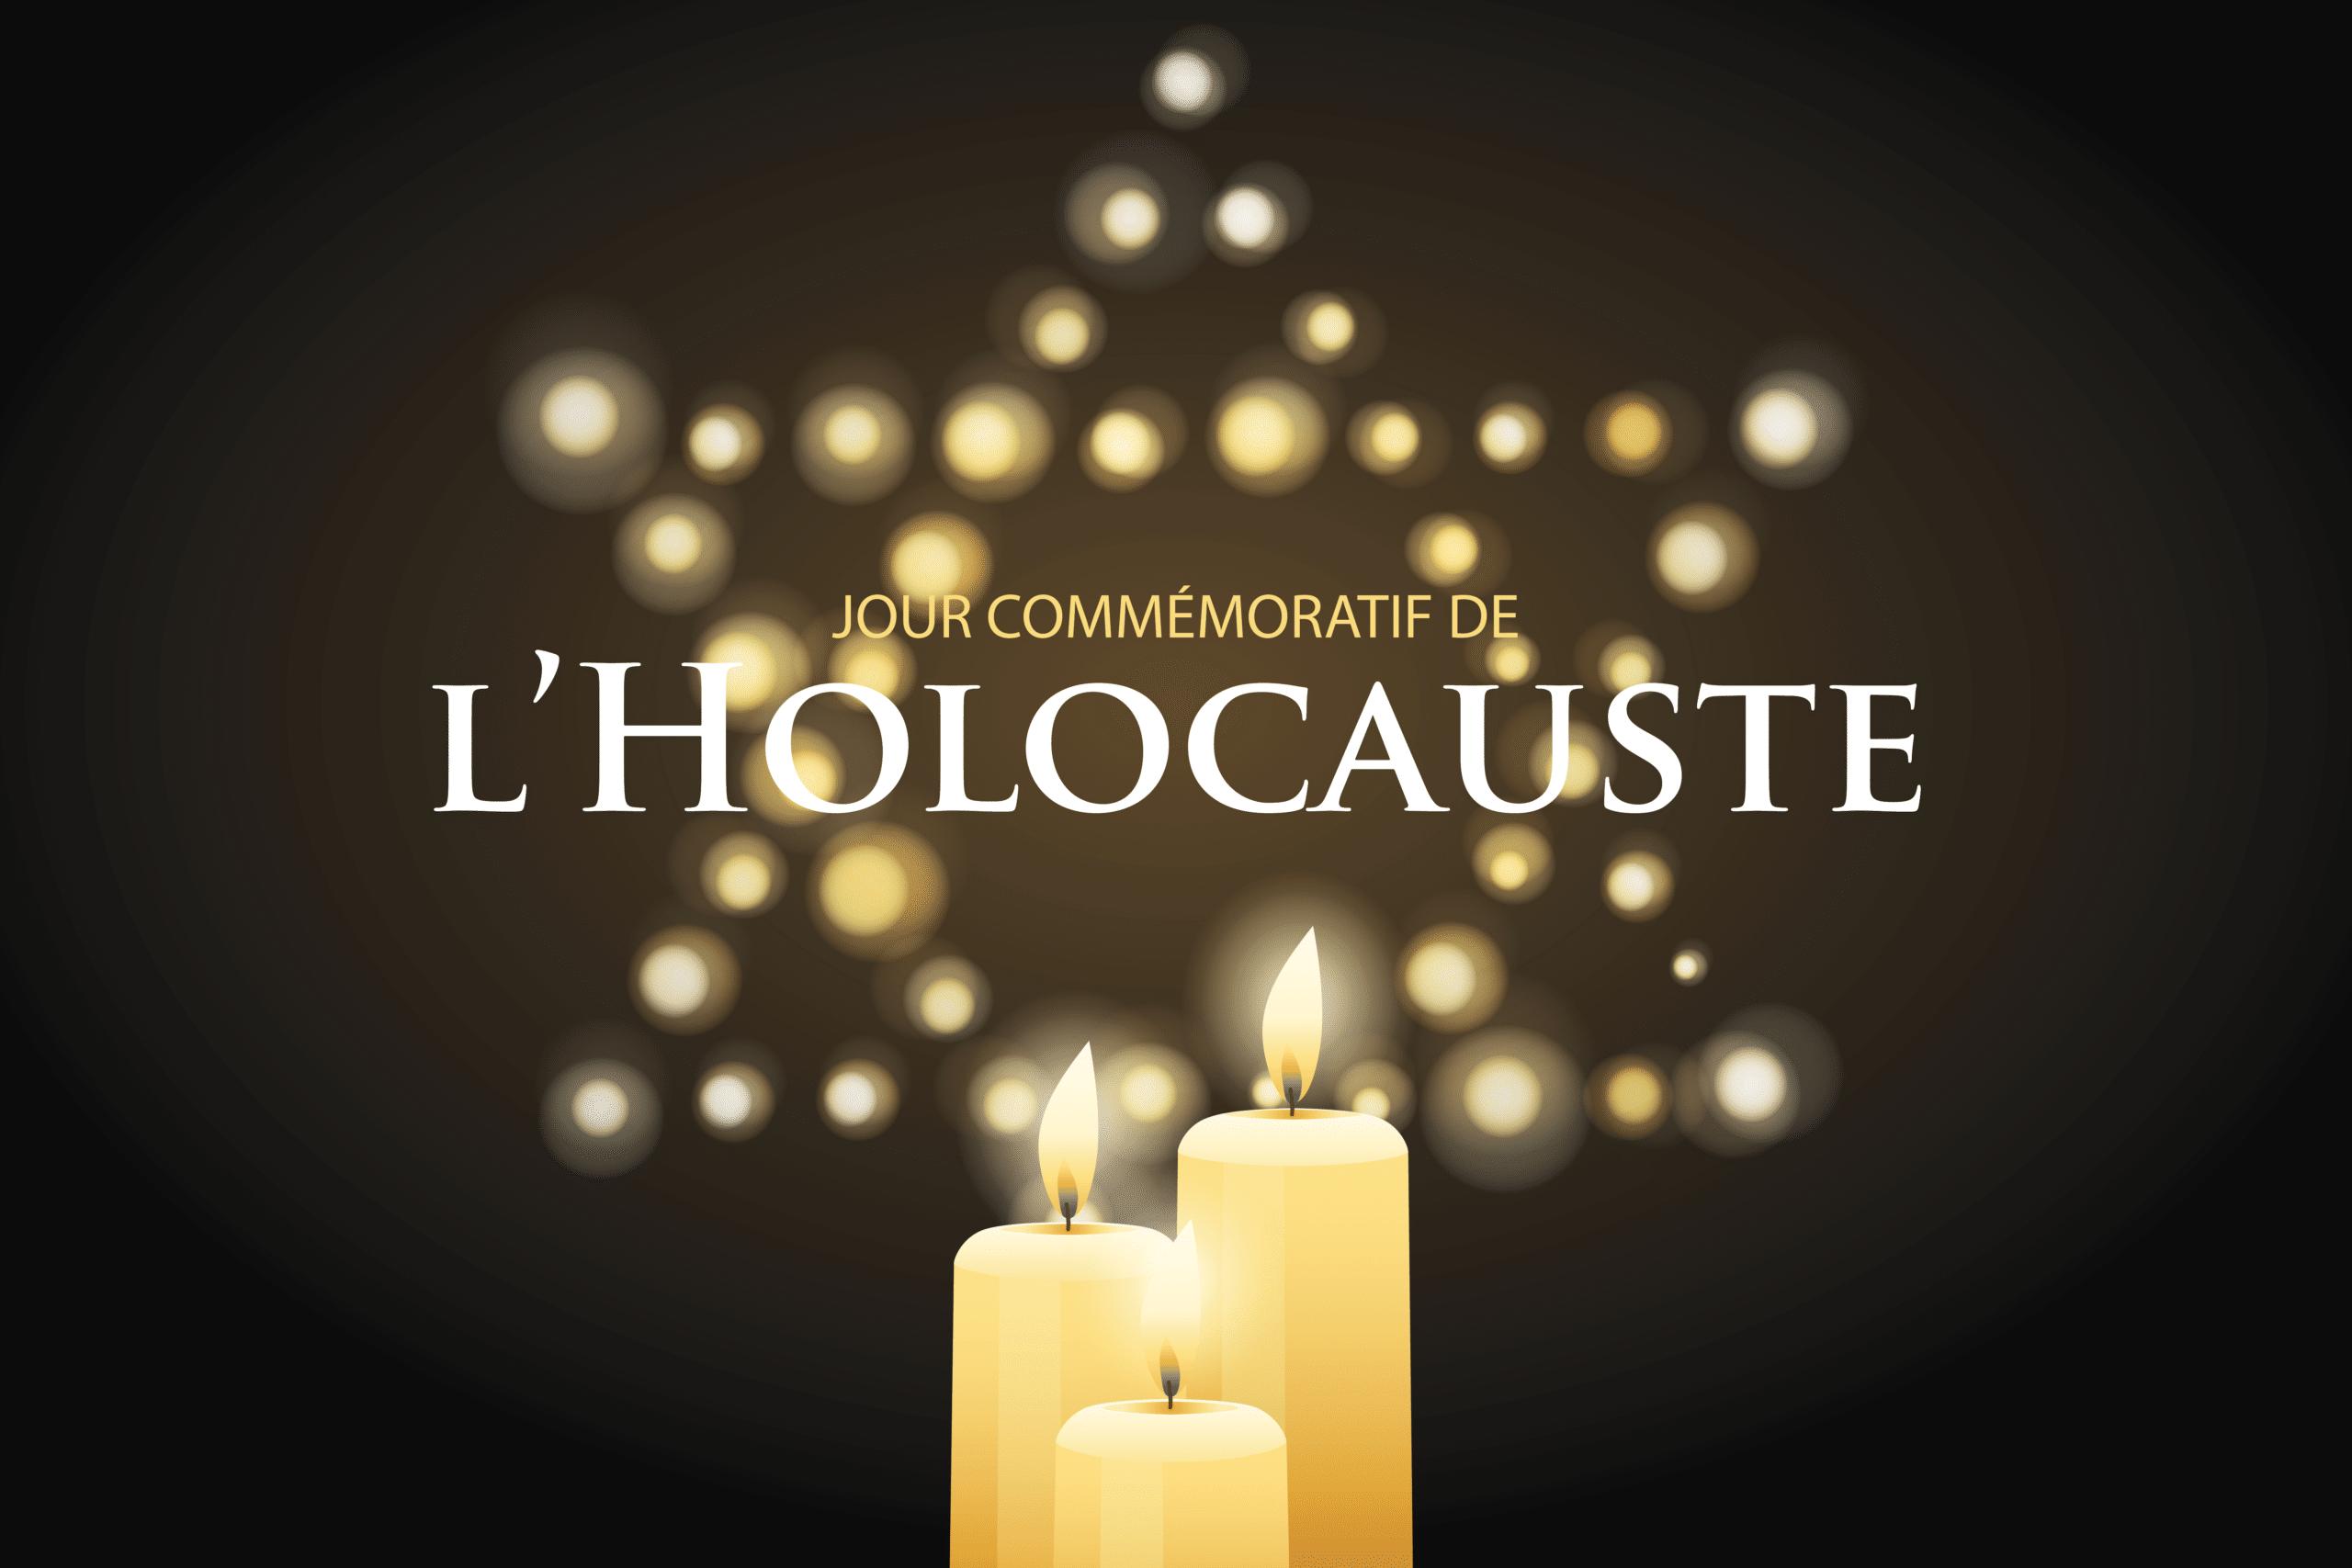 Jour Commemoratif de L'Holocauste